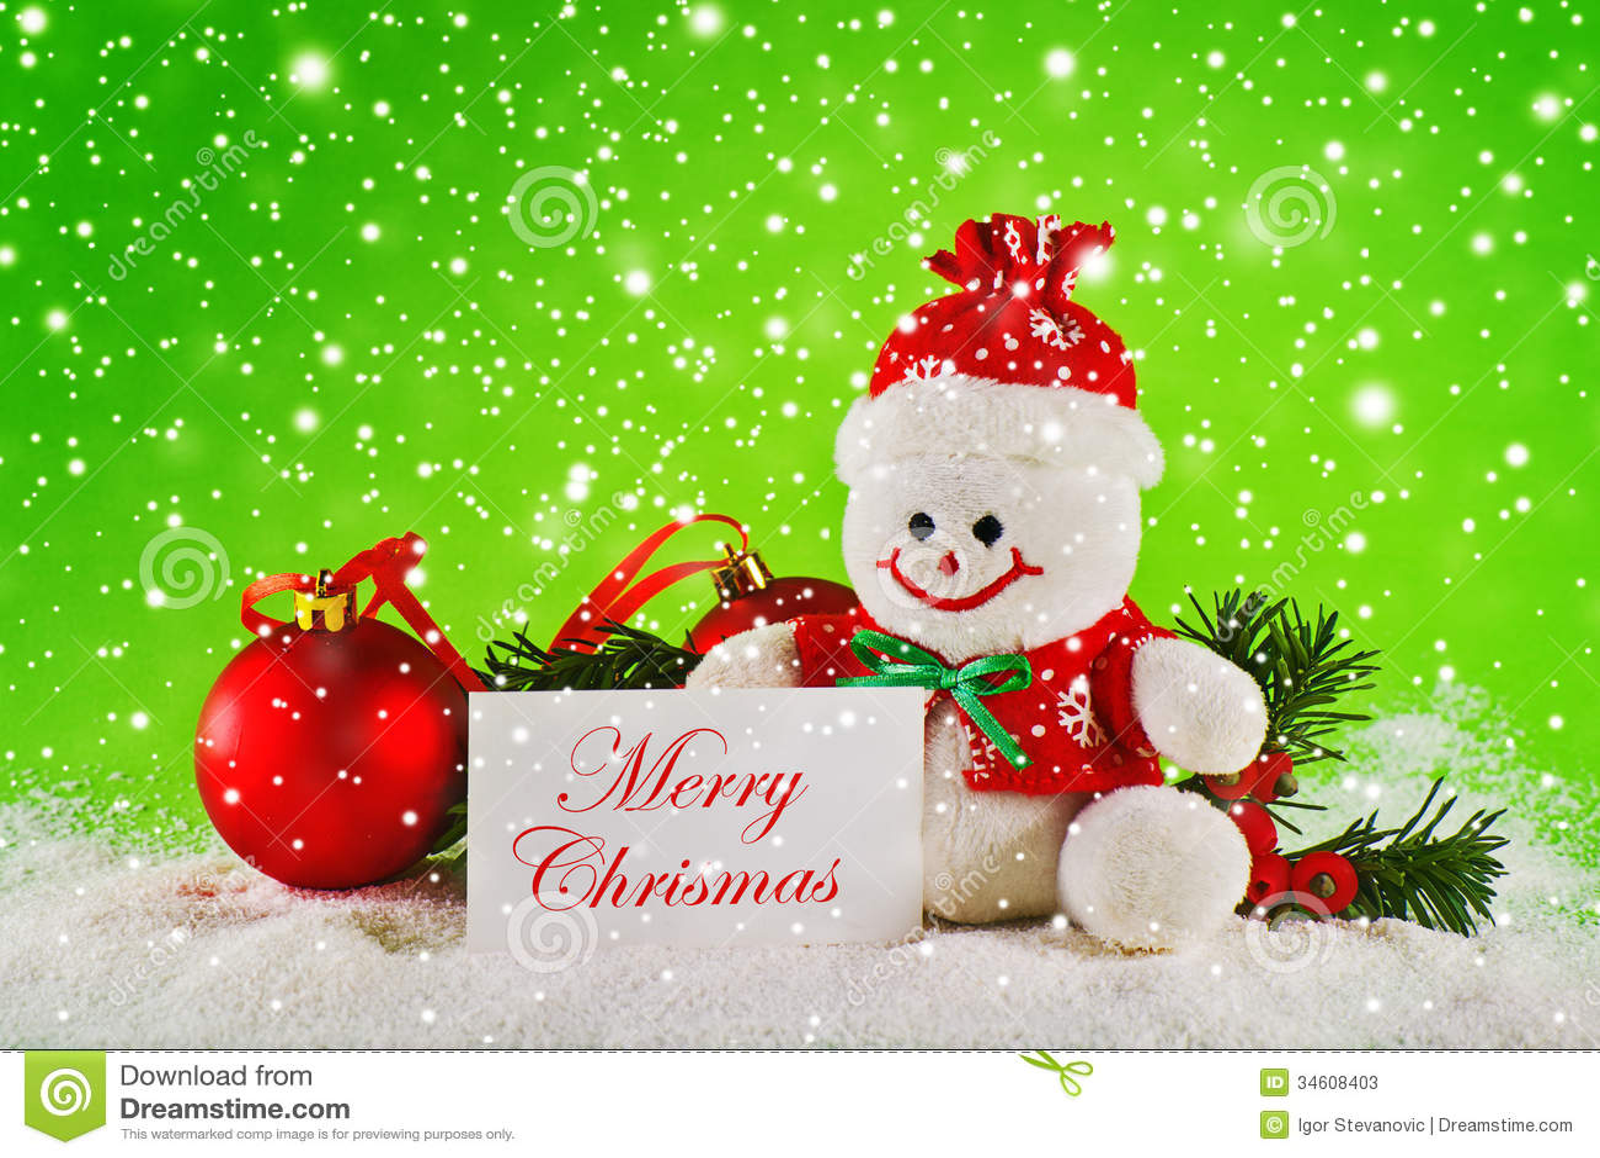 Joyeux no l boules de no l et bonhomme de neige de laine photos stock image 34608403 - Bonhomme de neige en laine ...